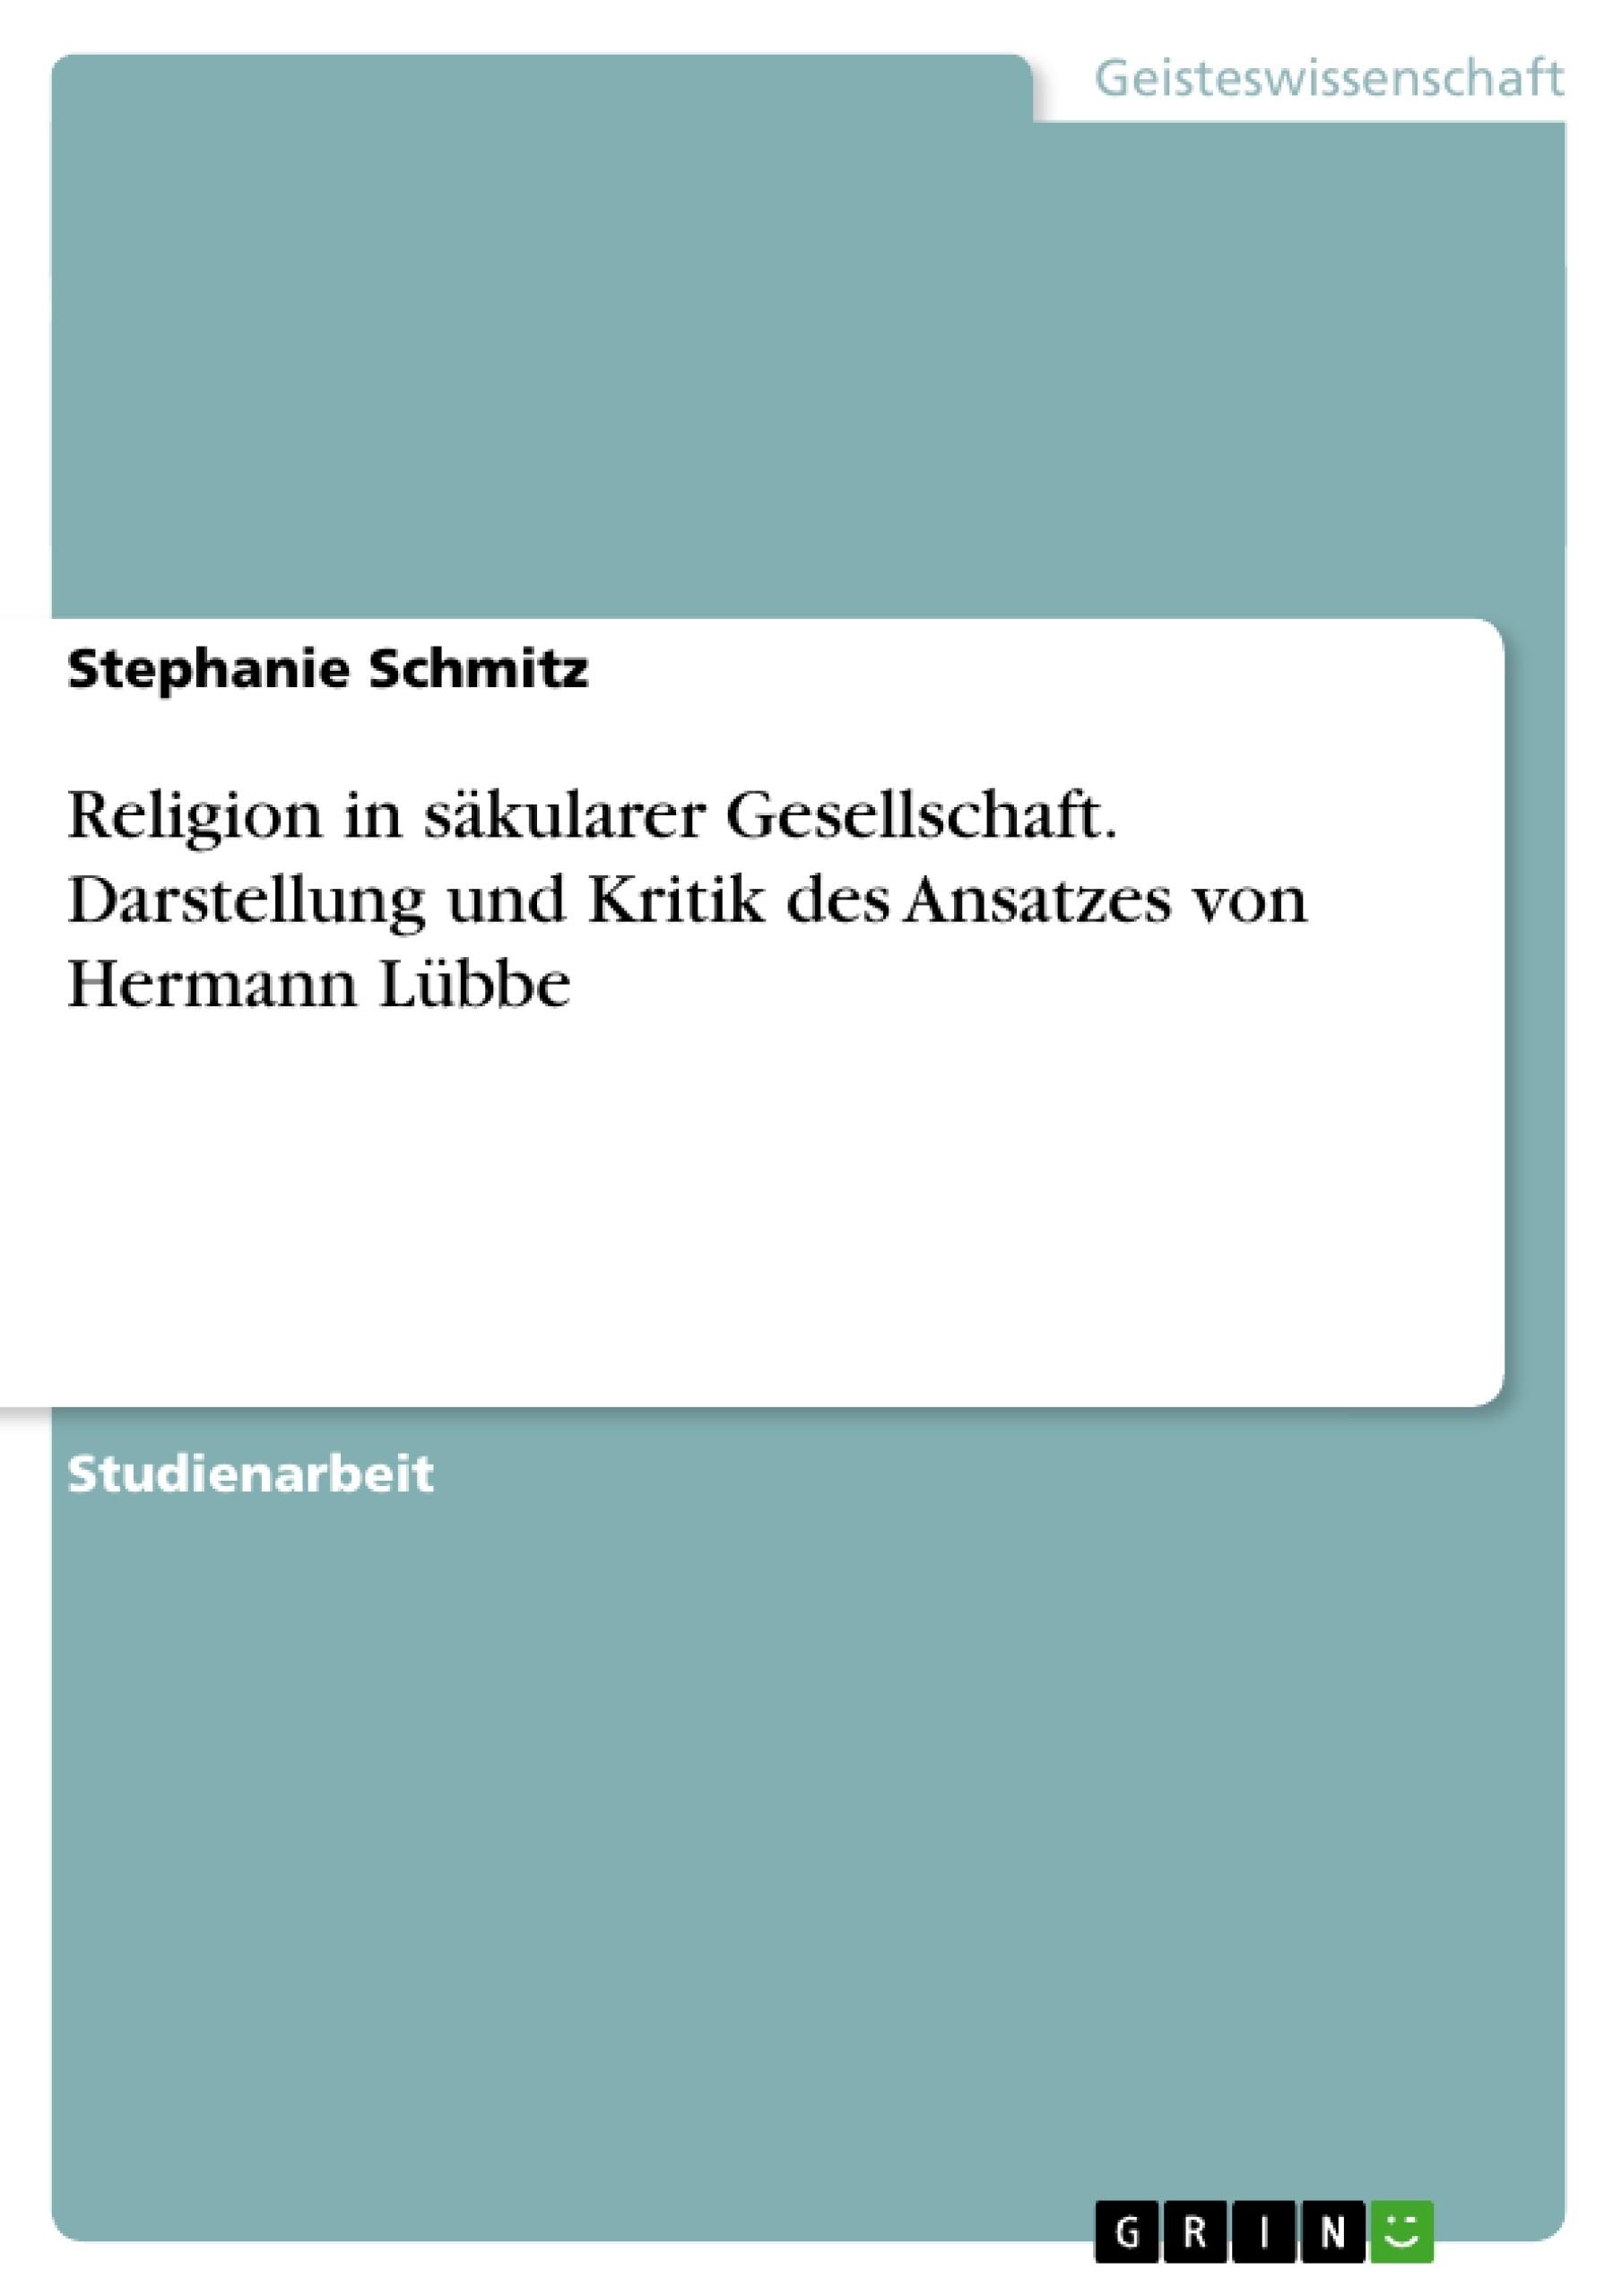 Titel: Religion in säkularer Gesellschaft. Darstellung und Kritik des Ansatzes von Hermann Lübbe